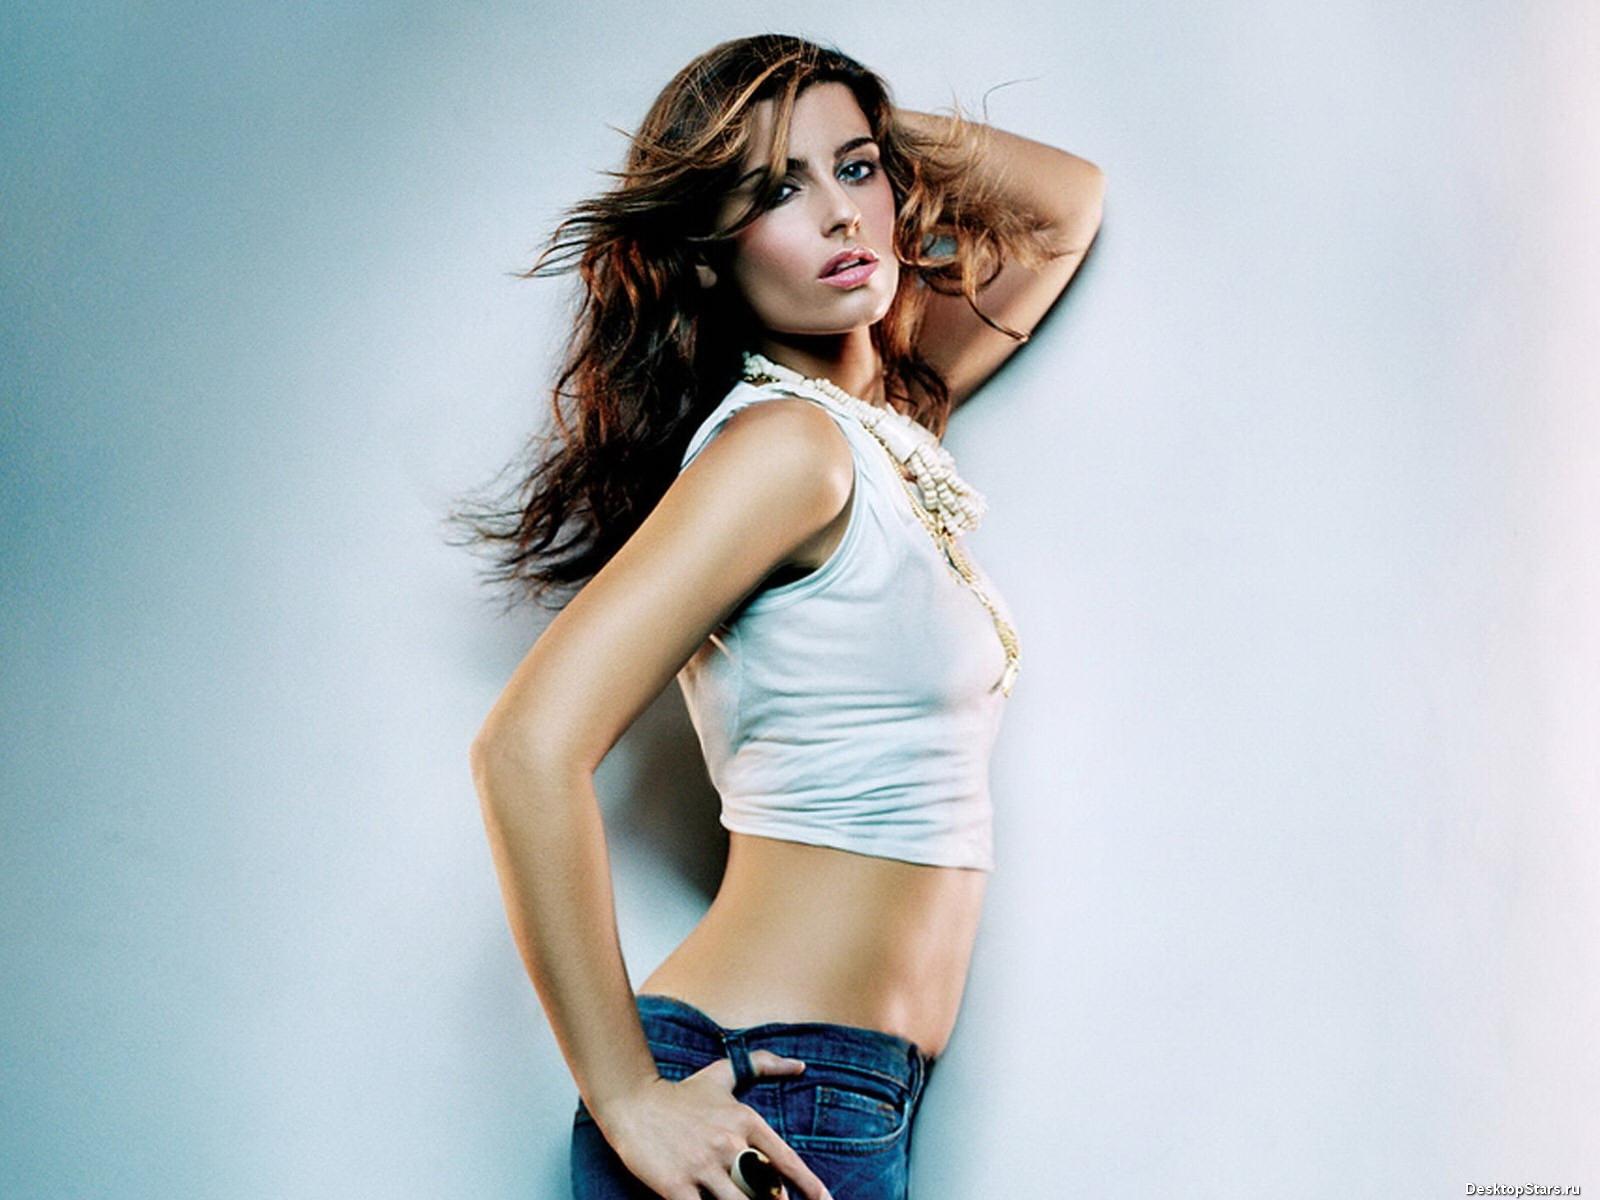 Nelly Furtado попала на первое свое серьезное шоу в 2001 году, тогда